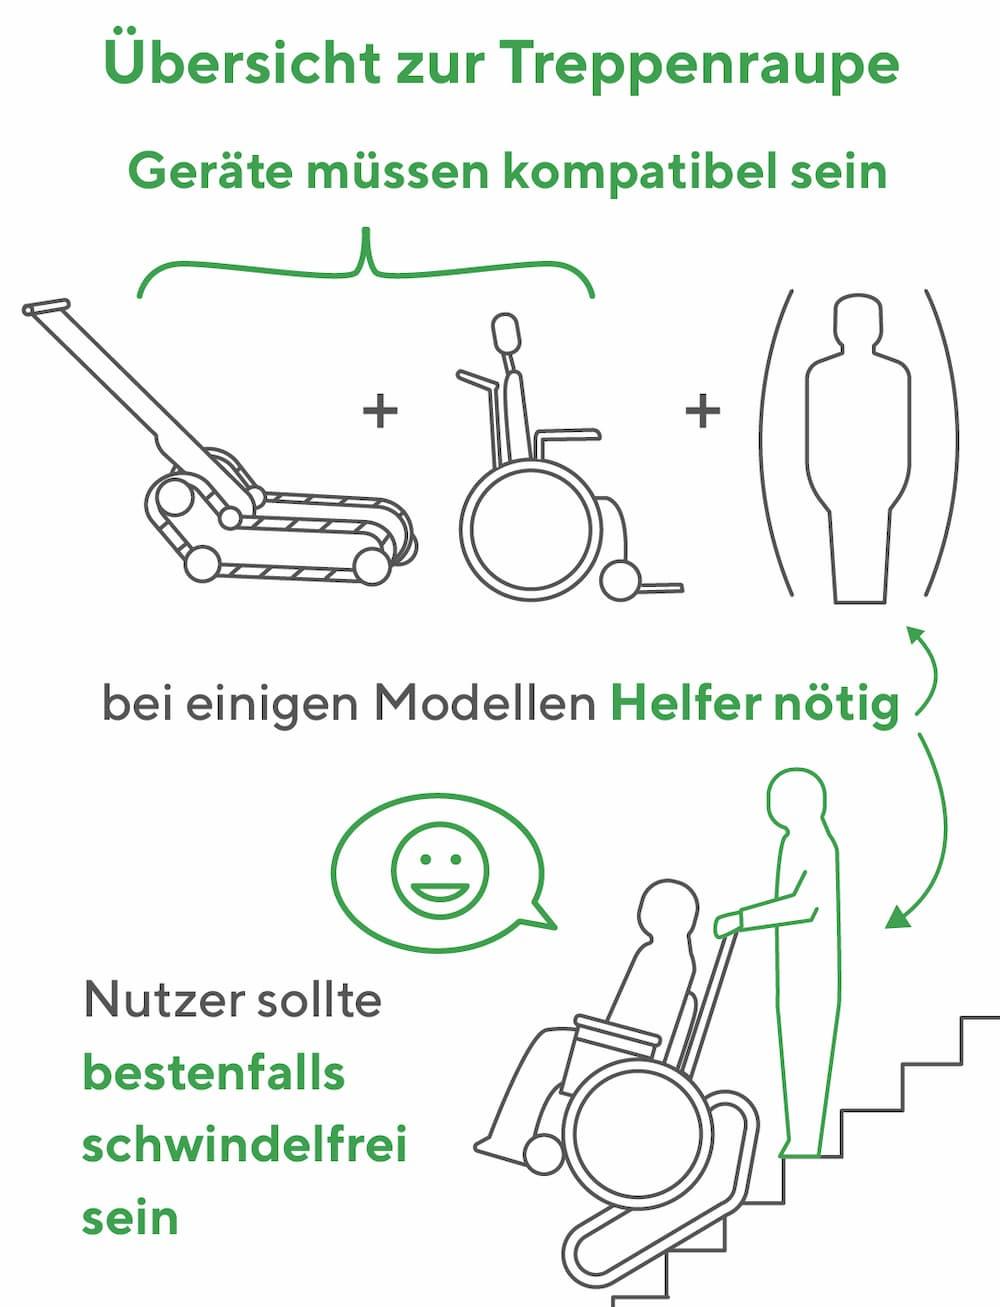 Treppenraupe: Eigenschaften und Bedienung